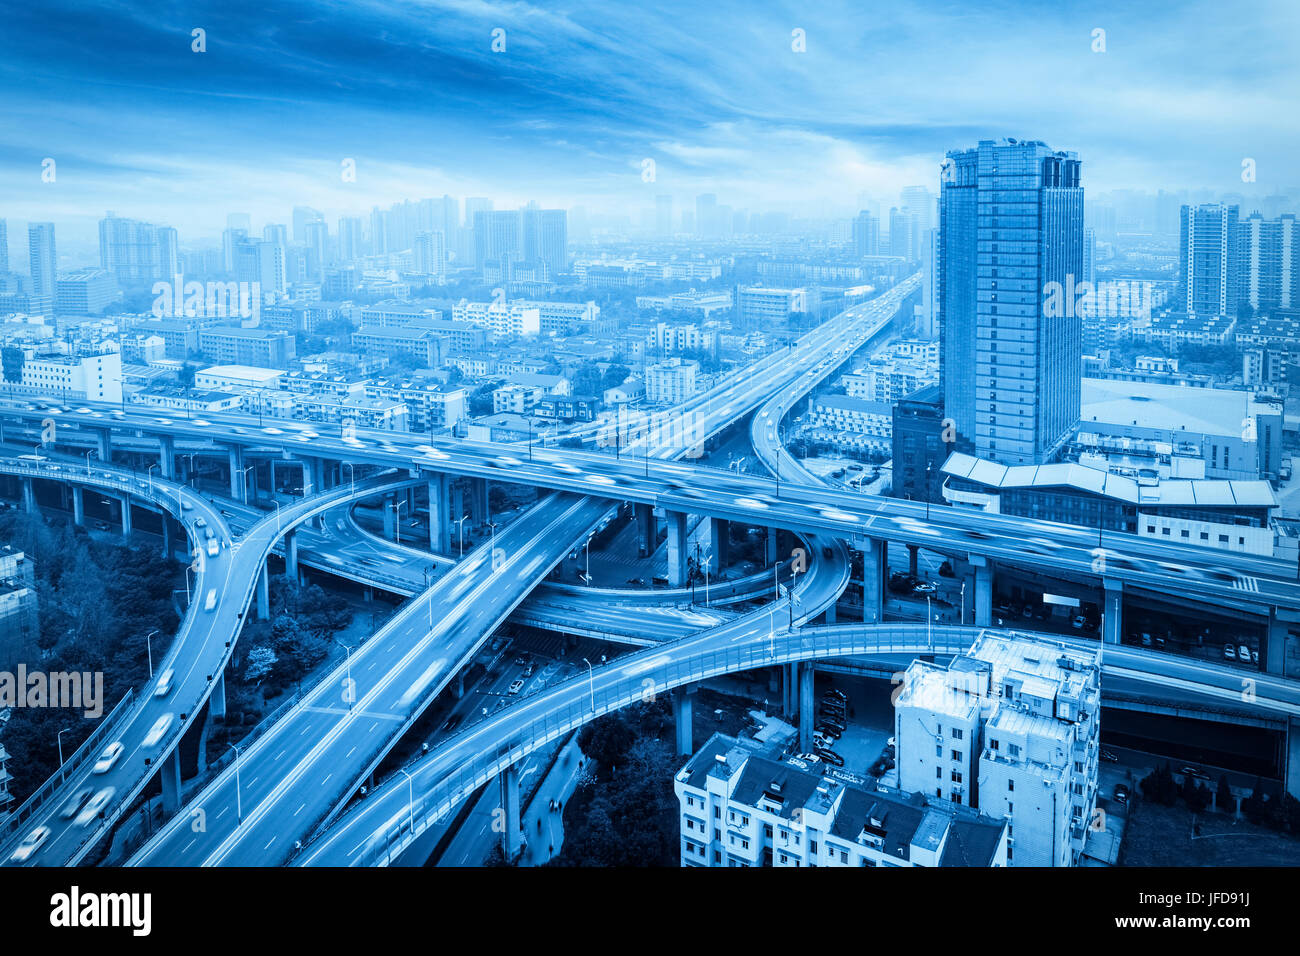 Viaduc de la ville avec ton bleu Photo Stock